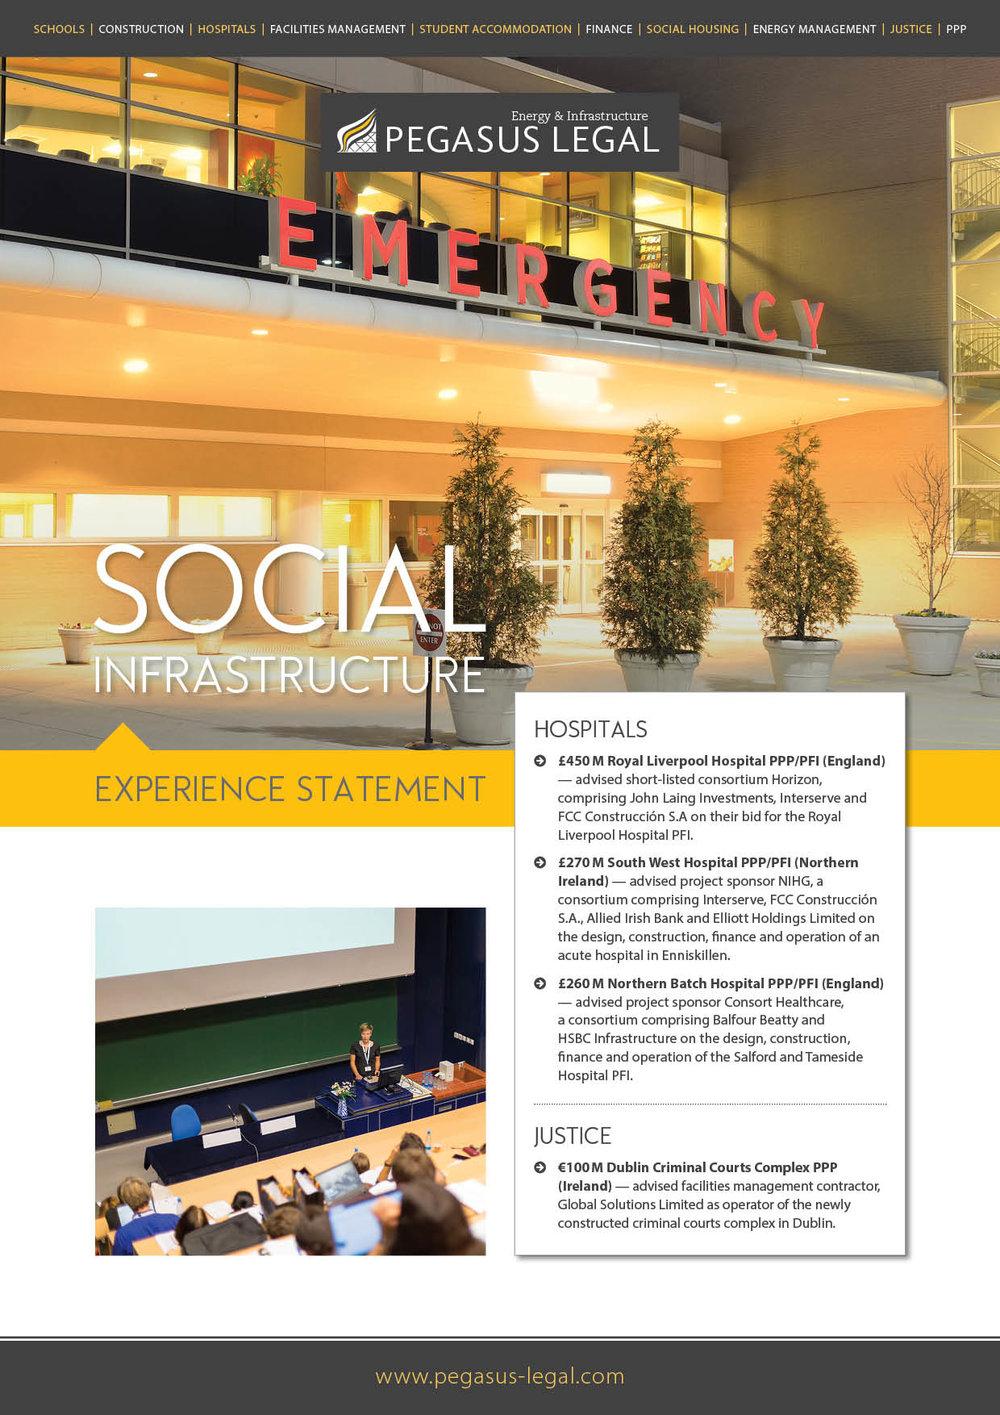 Social Infrastructure_for website.jpg